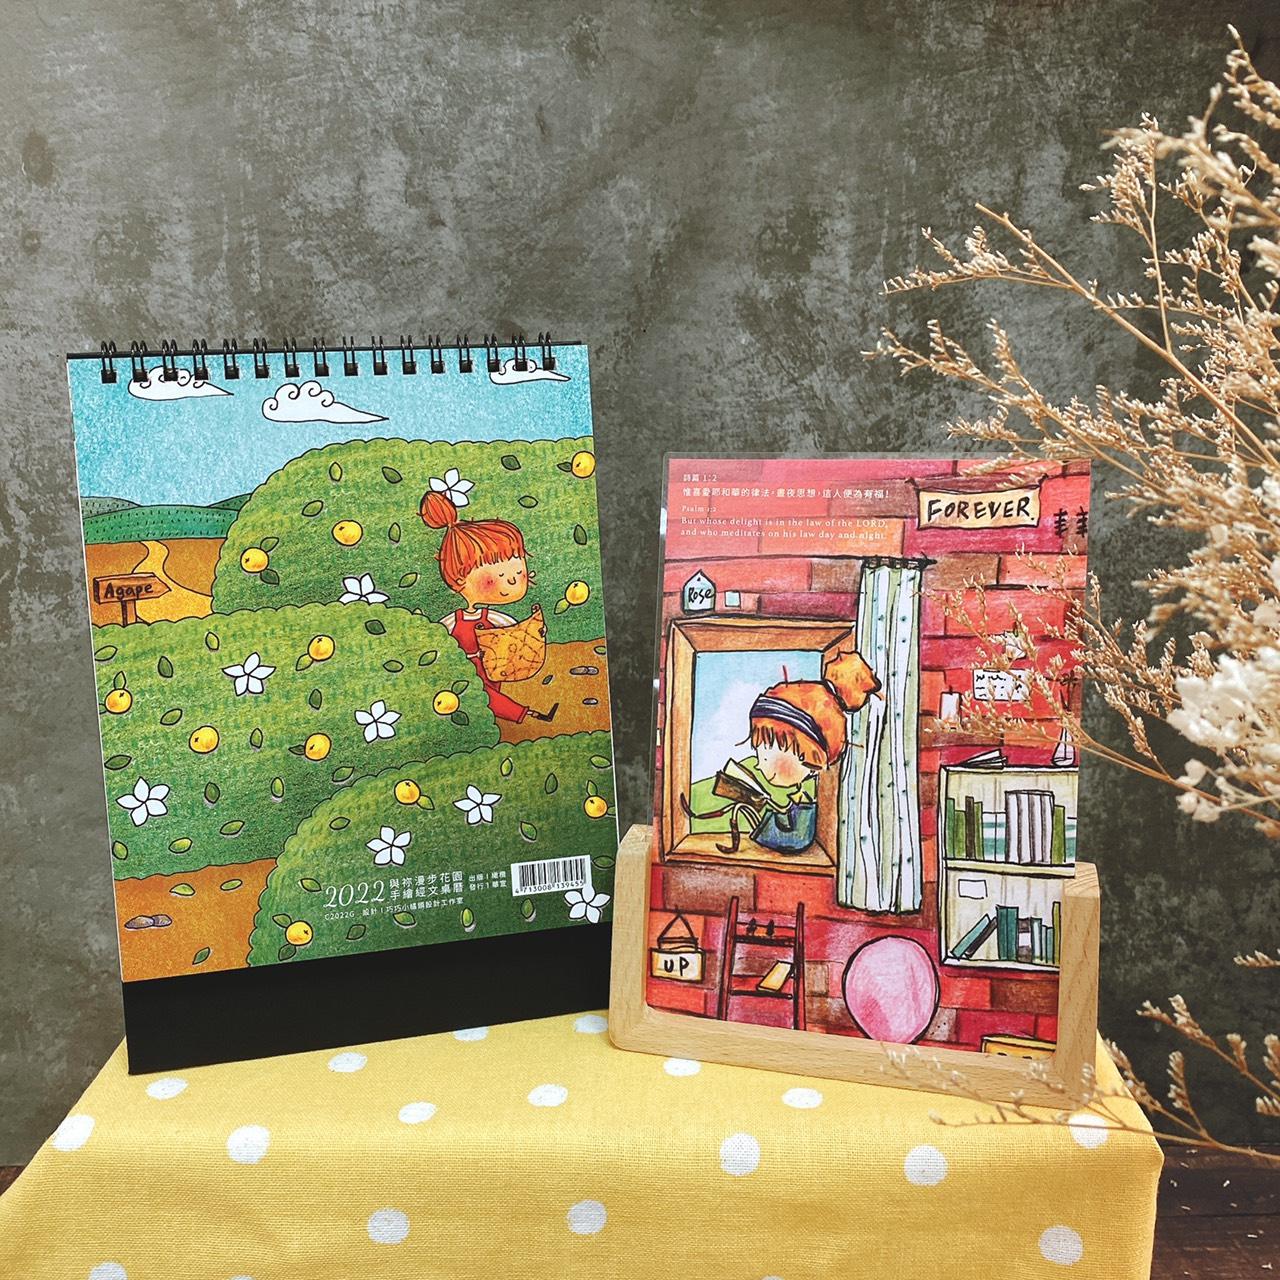 小橘頭插畫暖心組合『2022桌曆+相框』